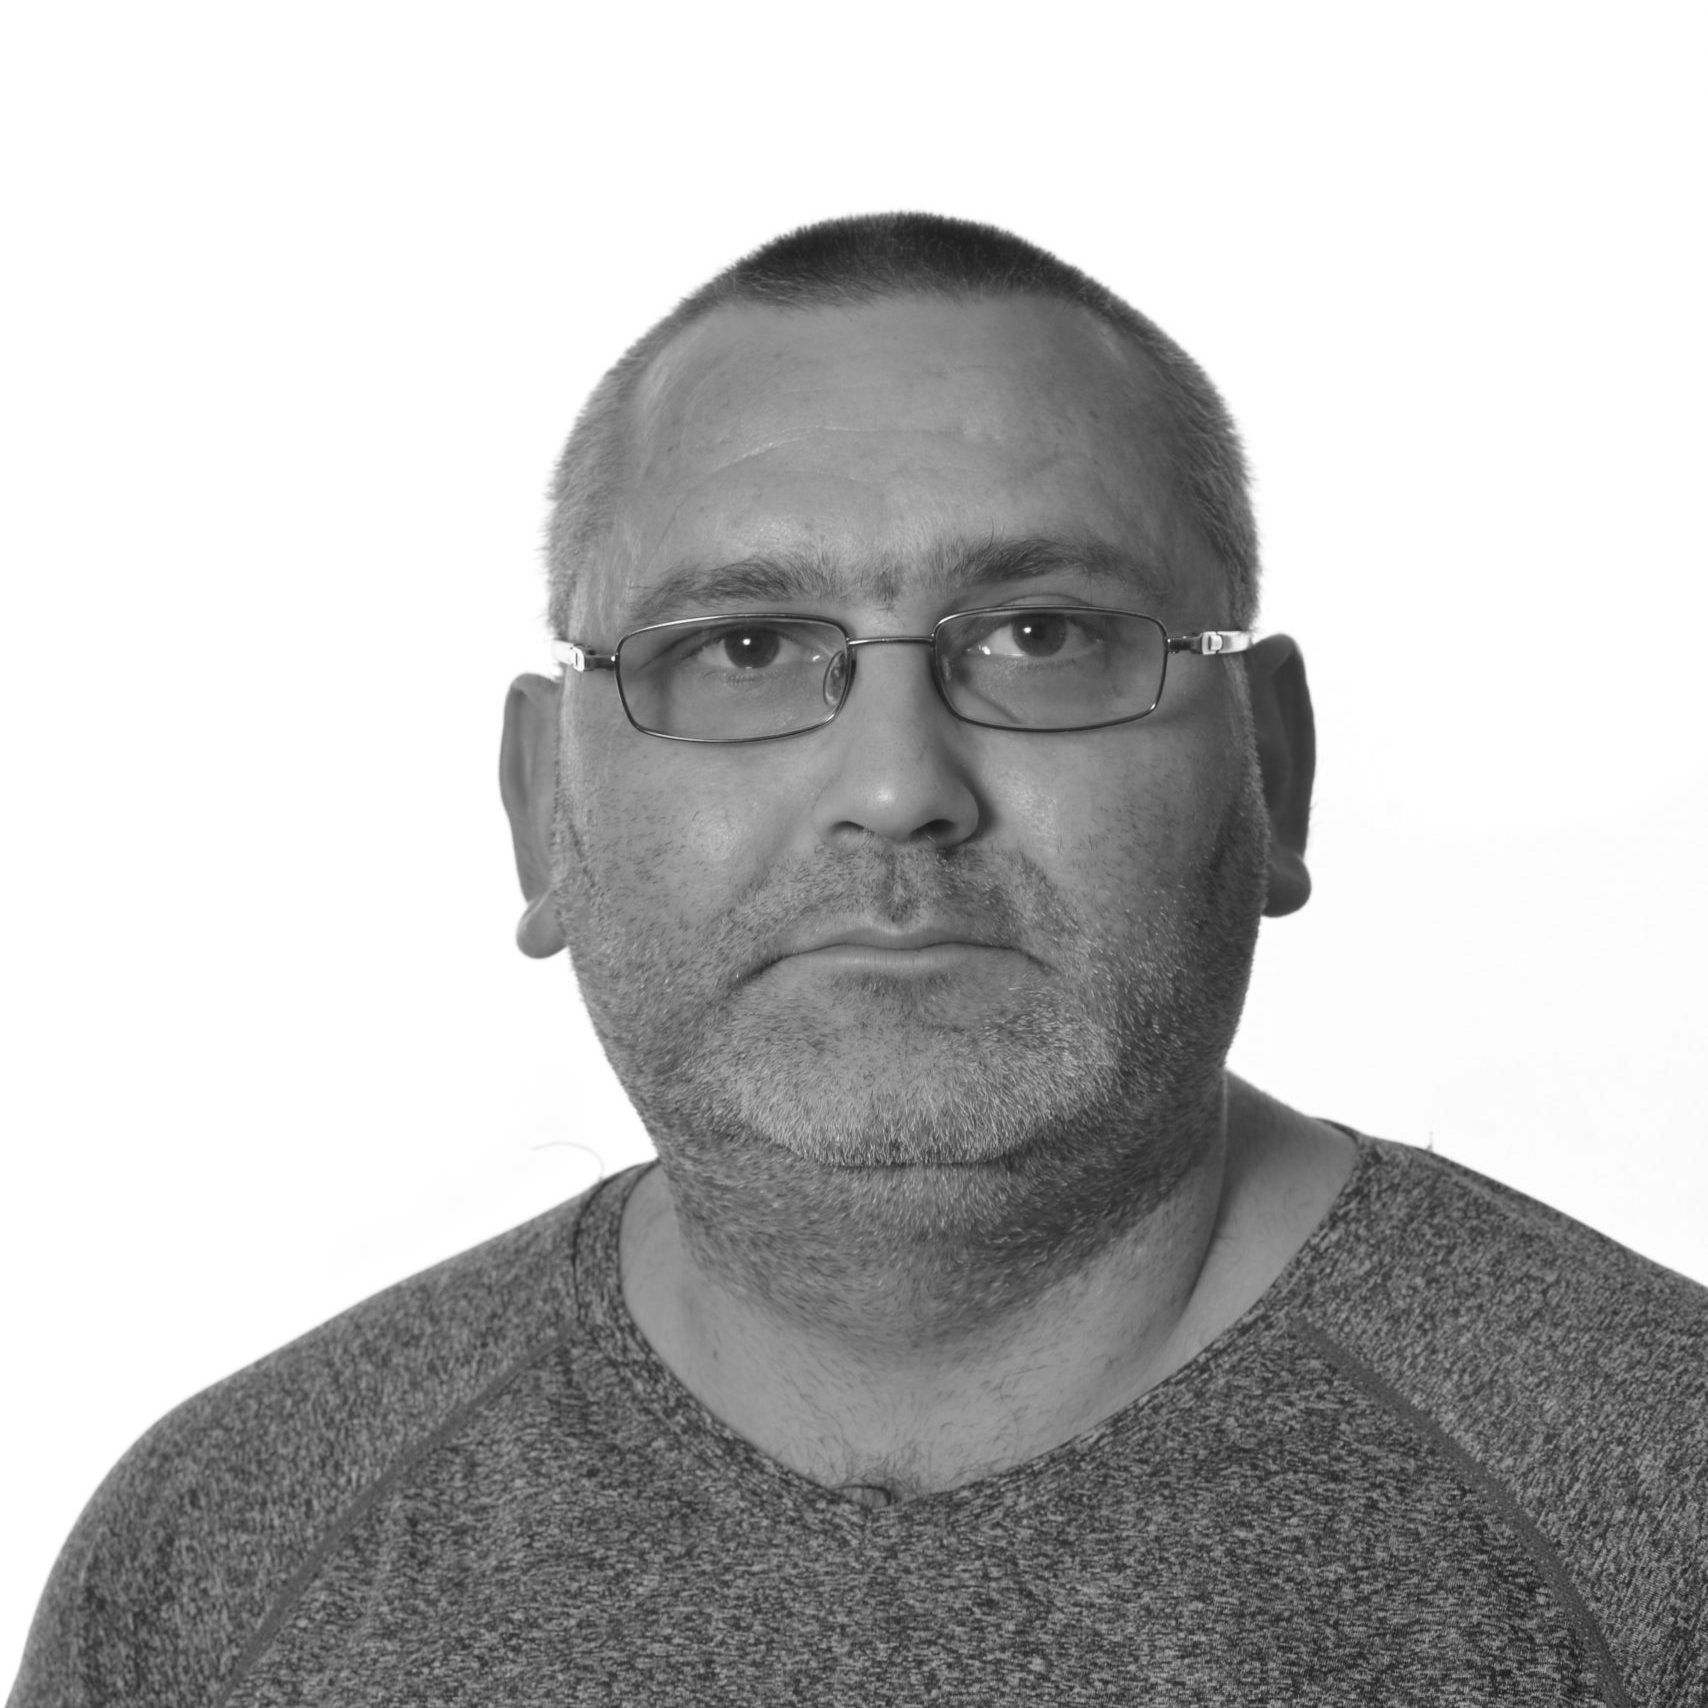 Igor Menashikov